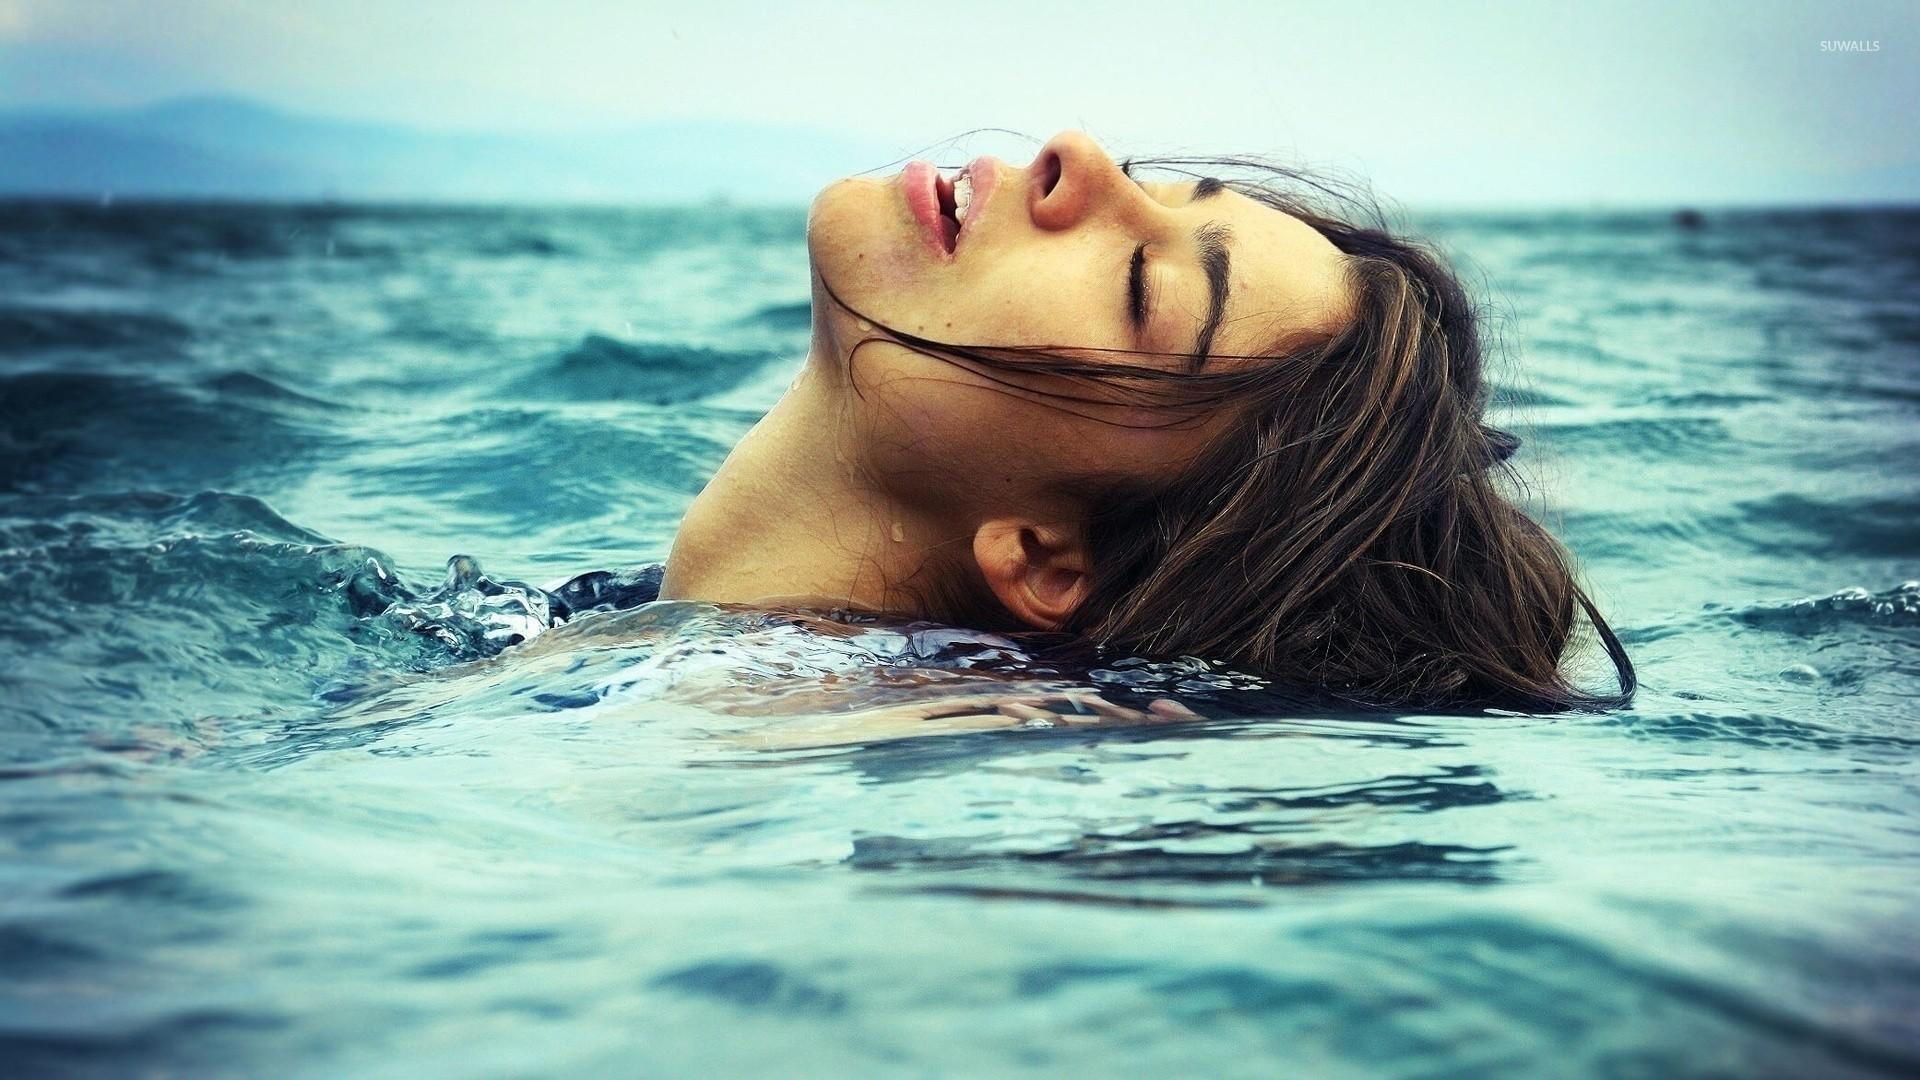 Res: 1920x1080, Girl relaxing in the ocean wallpaper